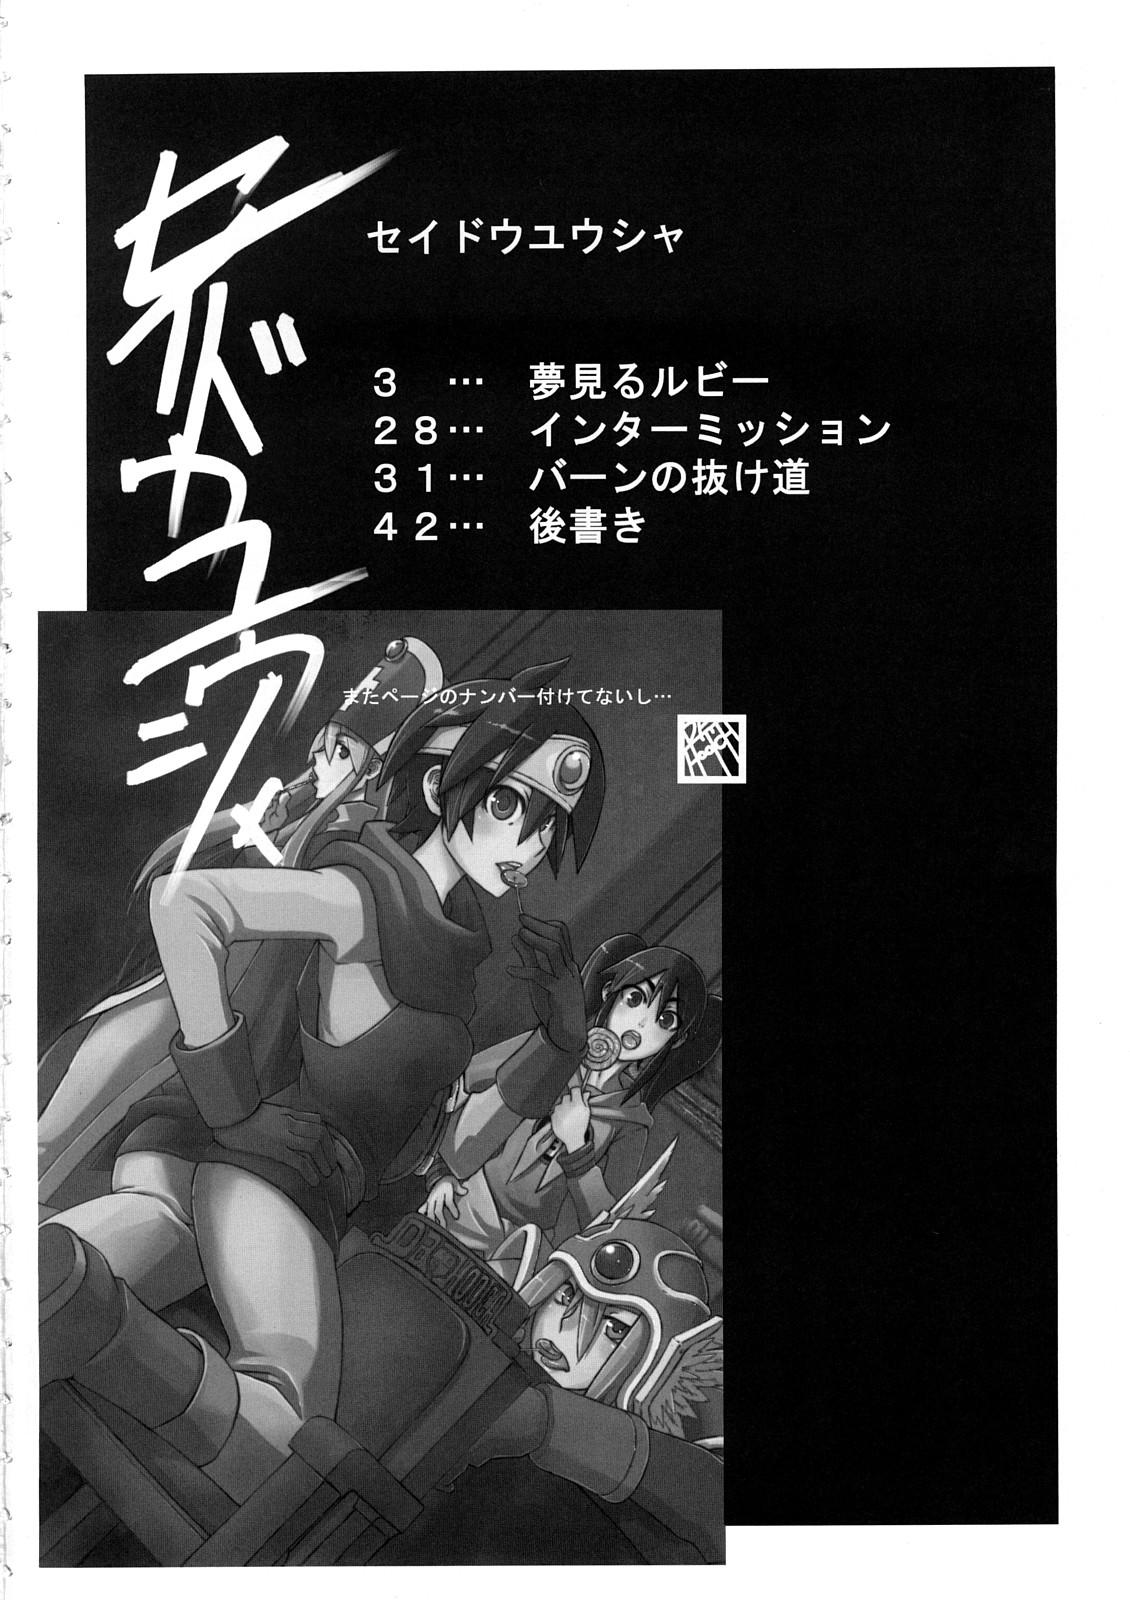 DoujinReader.com [desudesu] DA HOOTCH - Seidouyuusha (Dragon Quest 3) 02